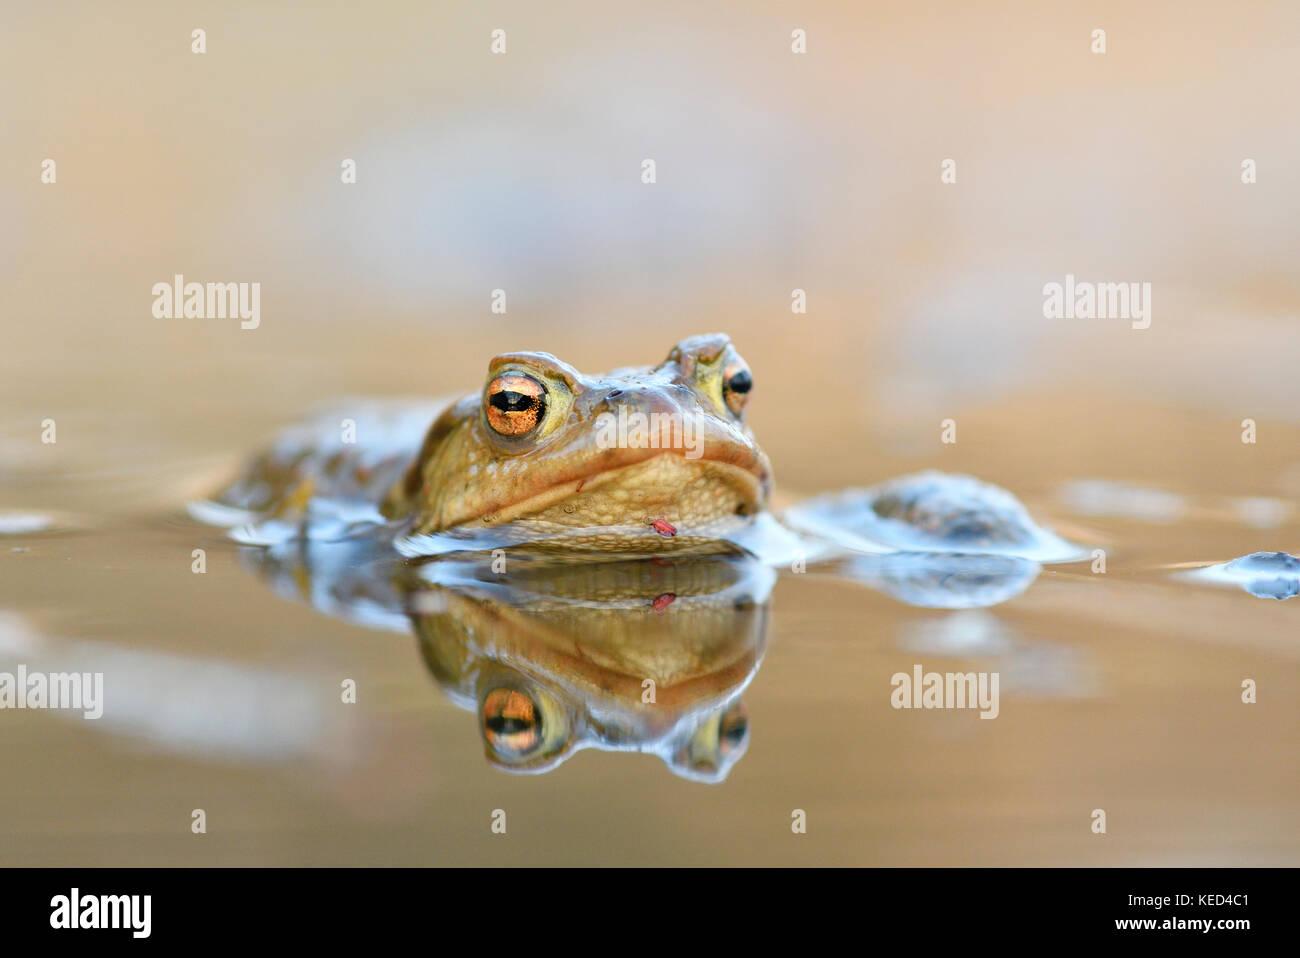 Komplex photos komplex images alamy